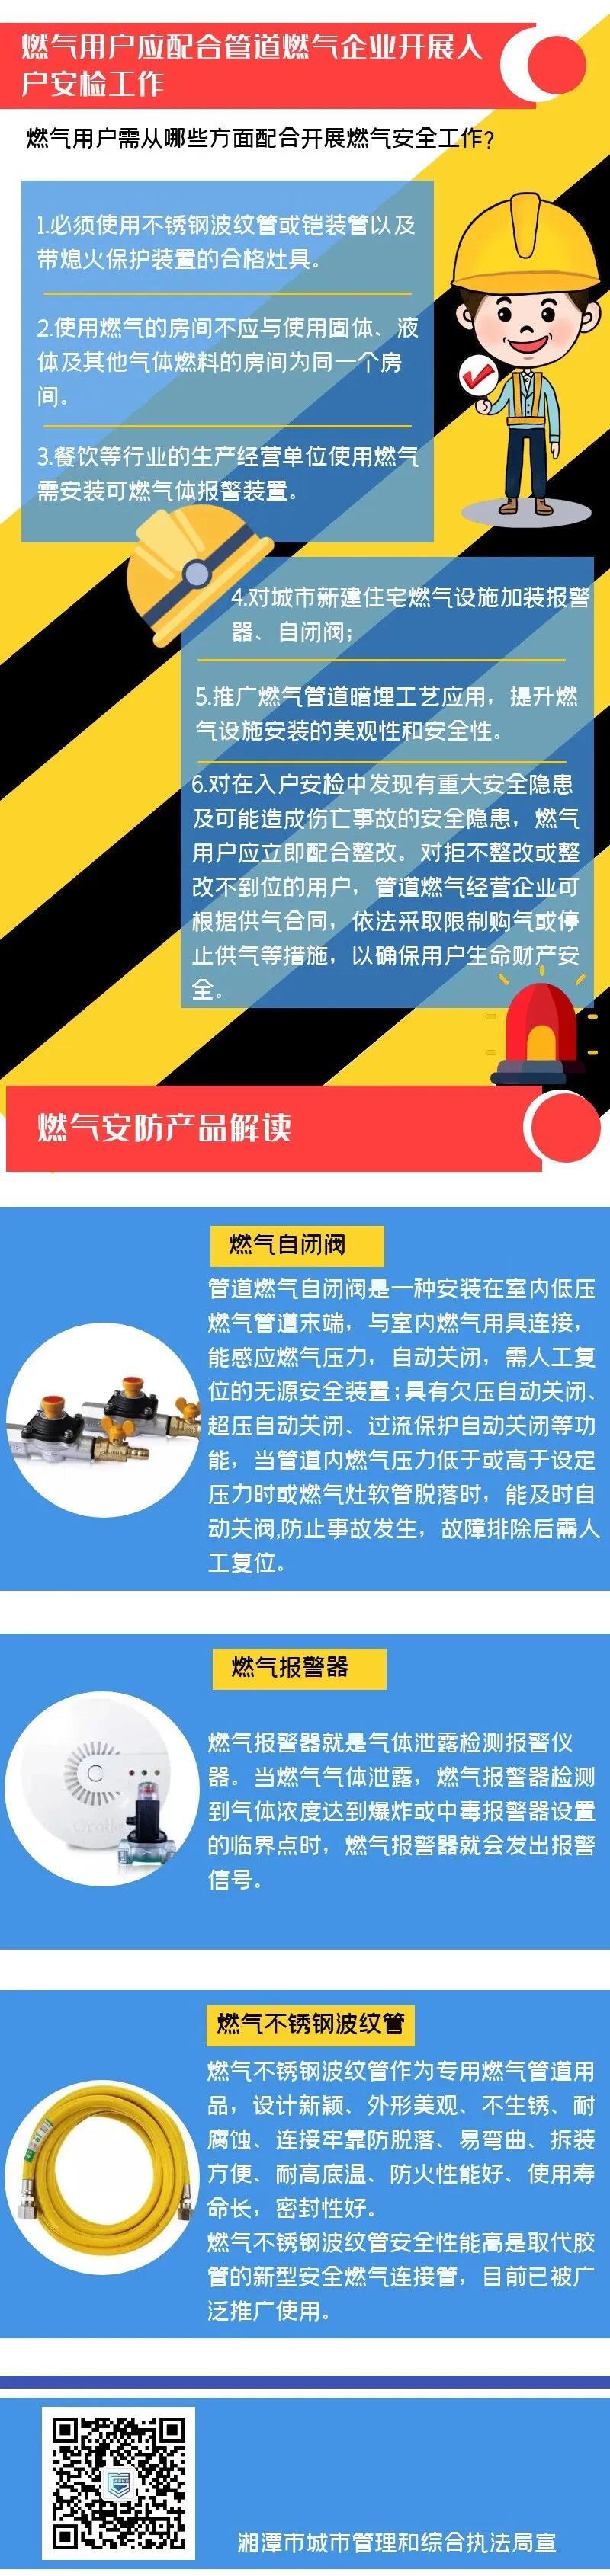 一图读懂丨湘潭出台燃气安全管理新规